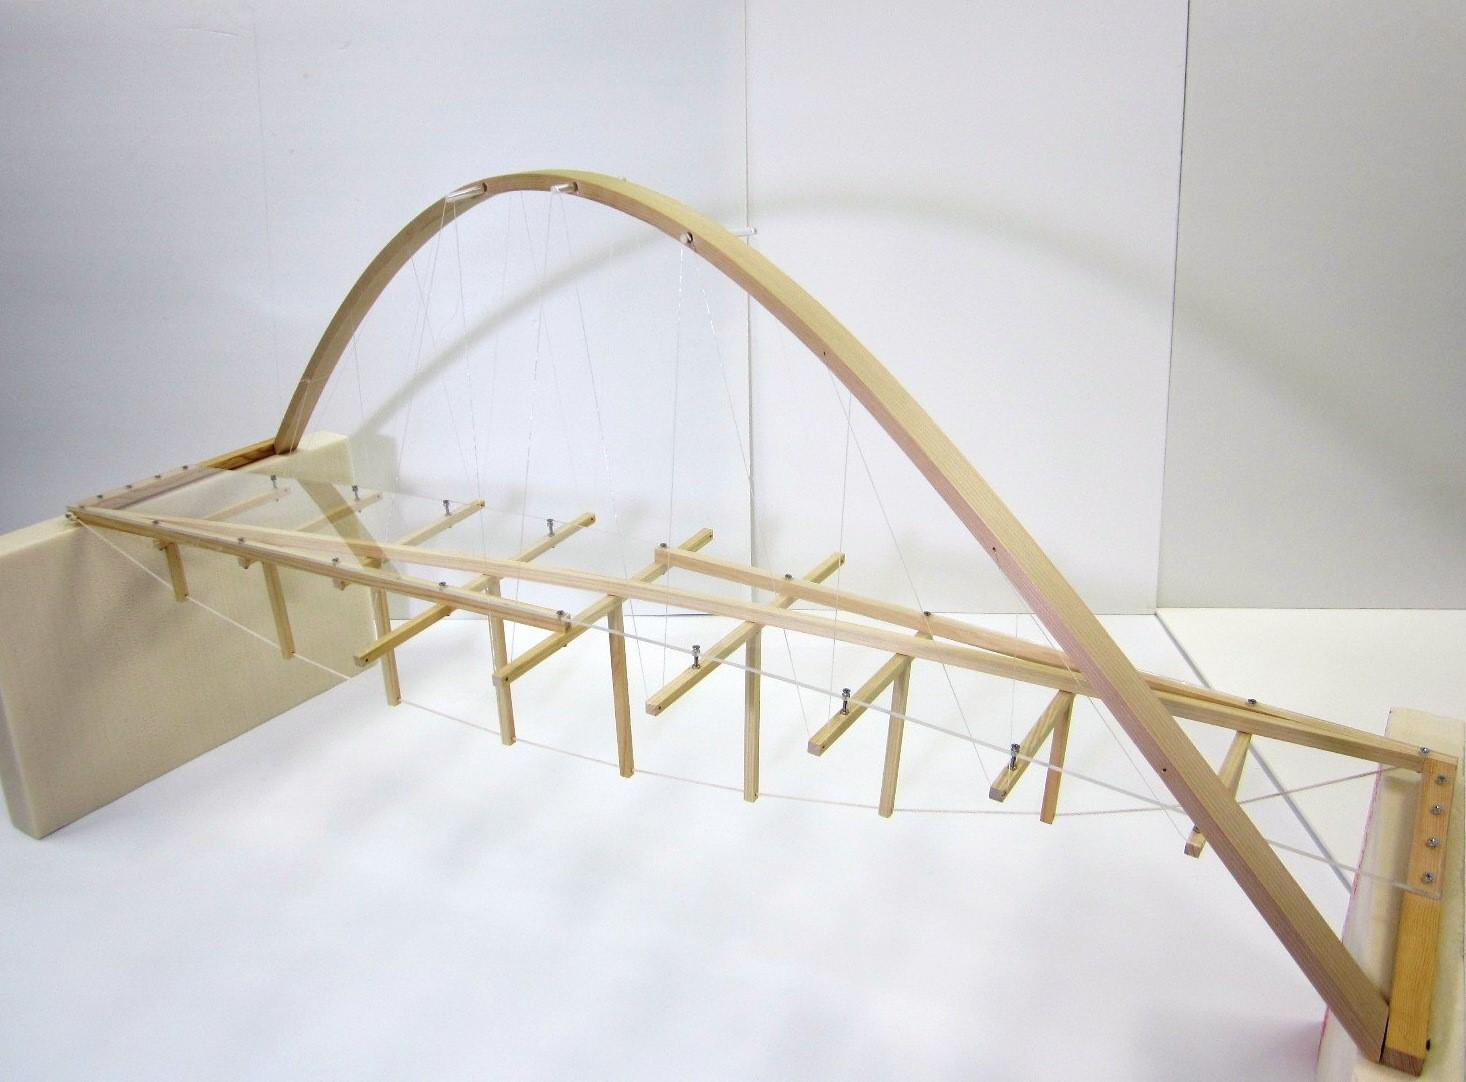 図8 橋梁のデザイン提案